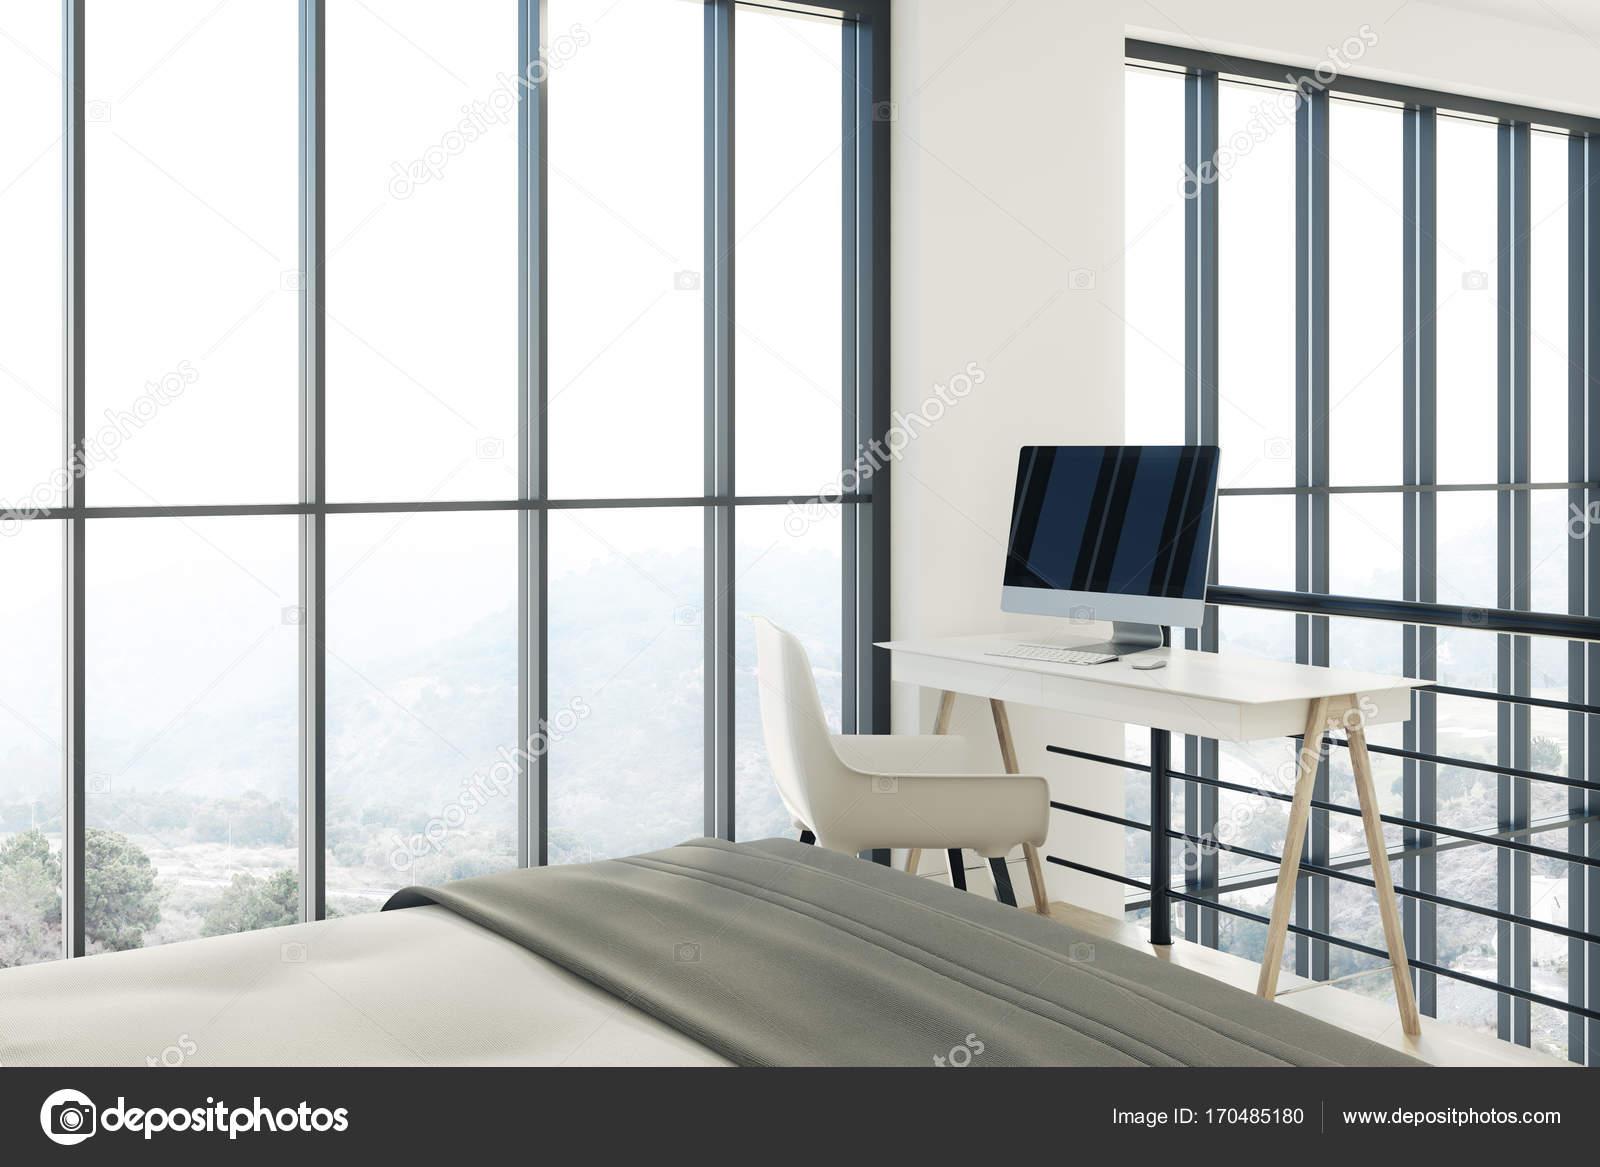 Un Piccolo Ufficio In Casa : Soppalco interno camera da letto camera da letto ufficio a casa